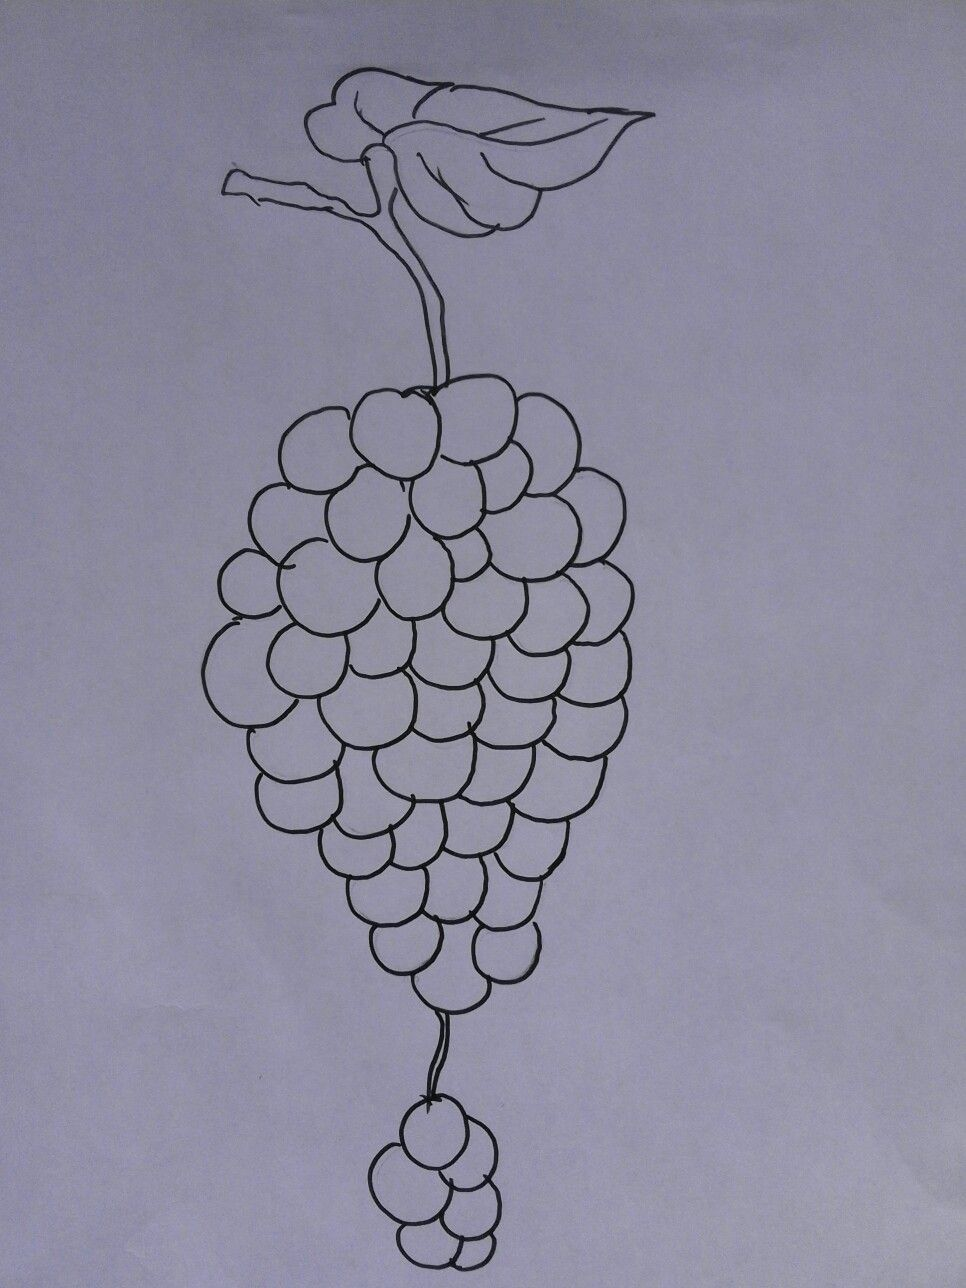 Contoh Pola Buah Anggur Untuk Mewarnai Design Pinterest Design